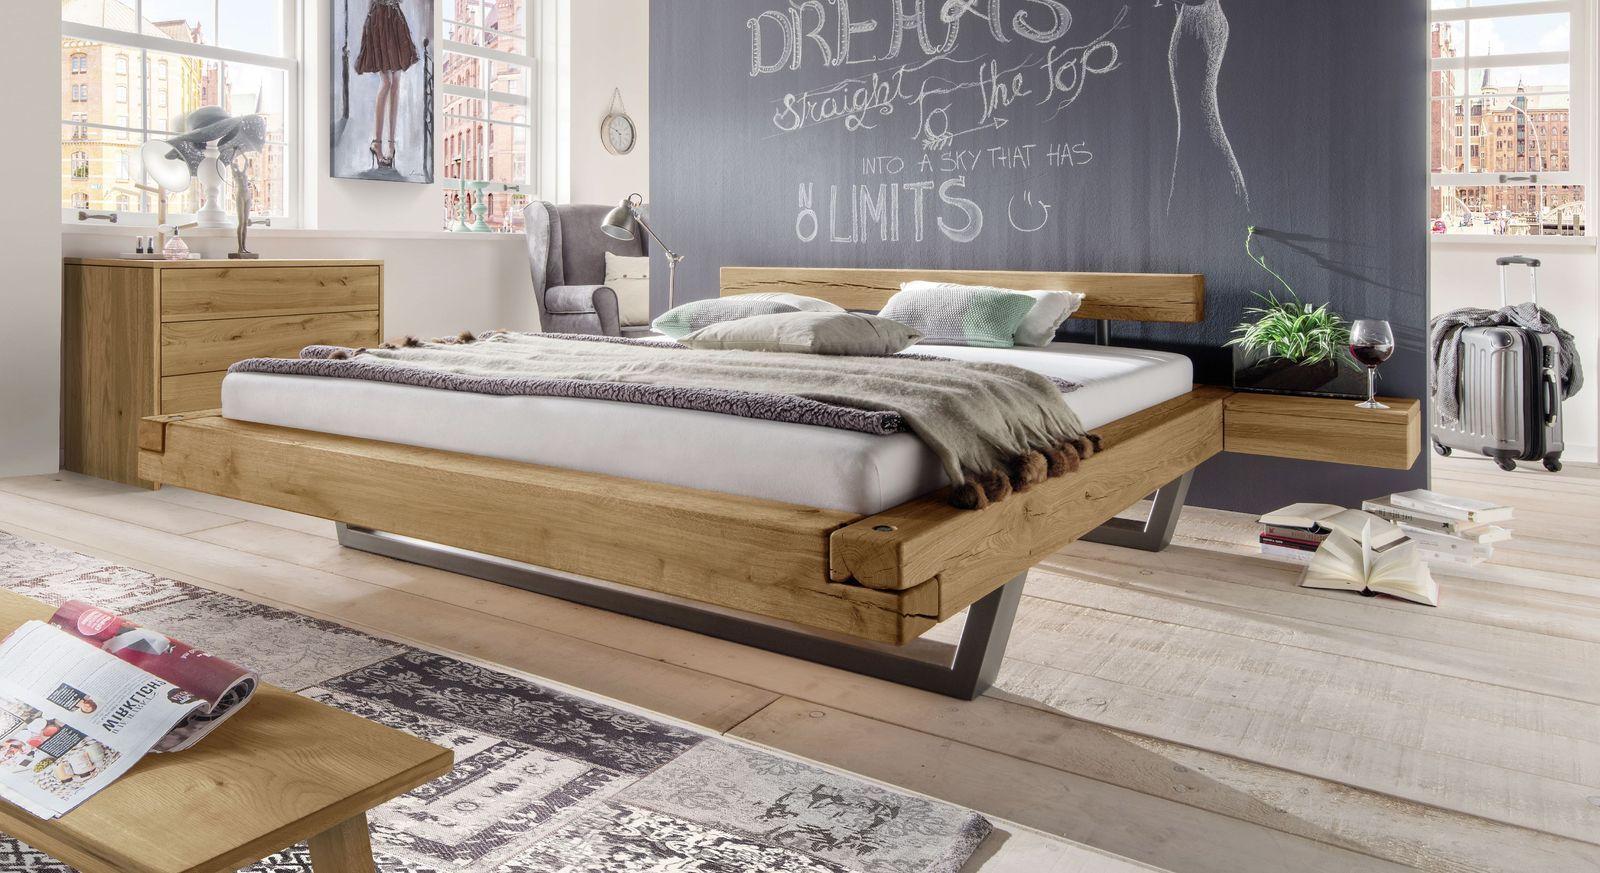 Bett Darica Schwebendes Bett Schwebebett Und Schlafzimmer Design